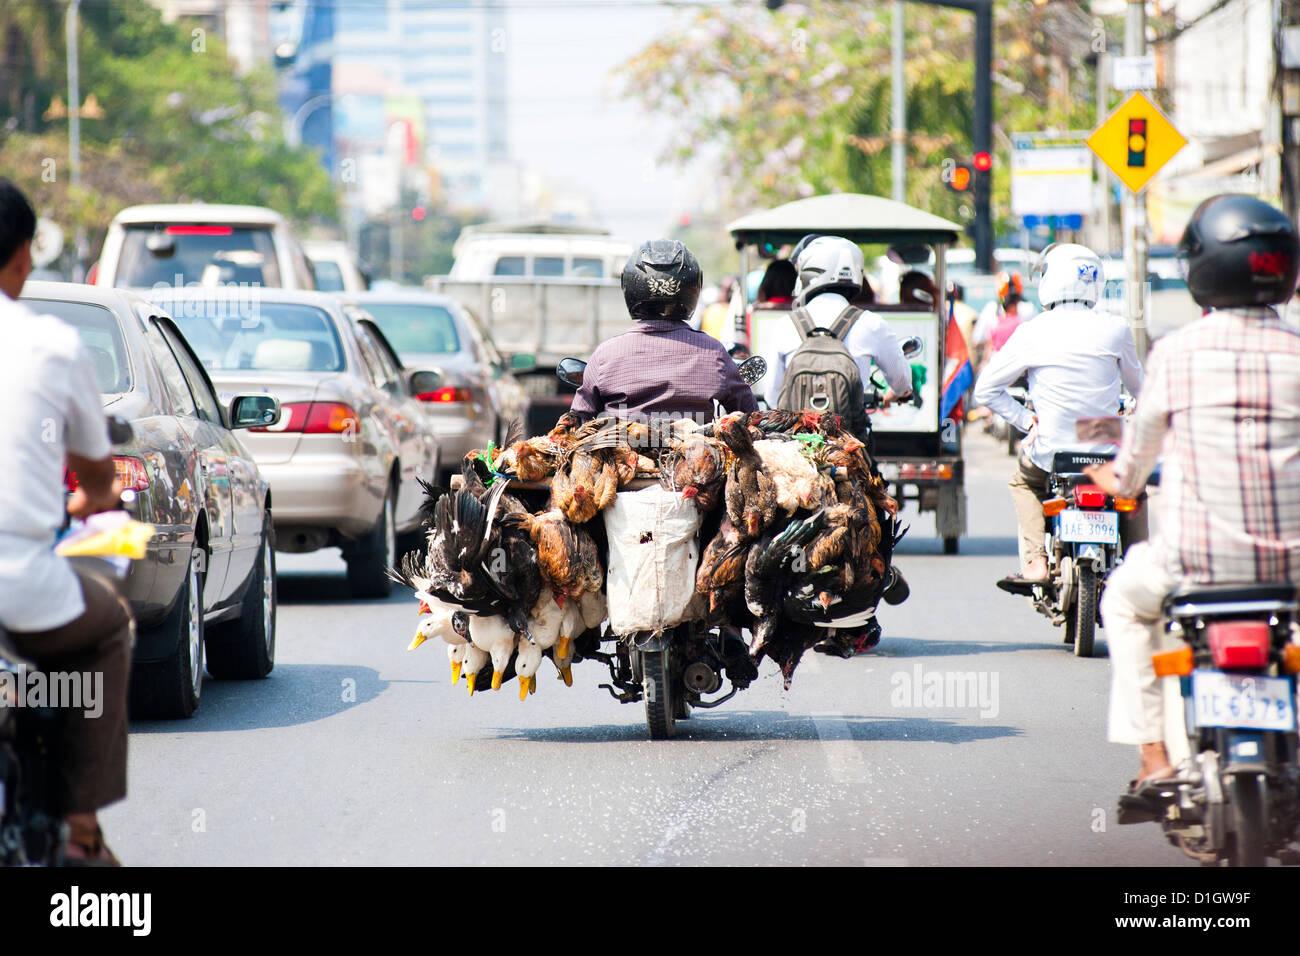 Vivere i polli e anatre di essere presi al mercato su un ciclomotore in Phnom Penh Cambogia, Indocina, Asia sud-orientale, Asia Foto Stock